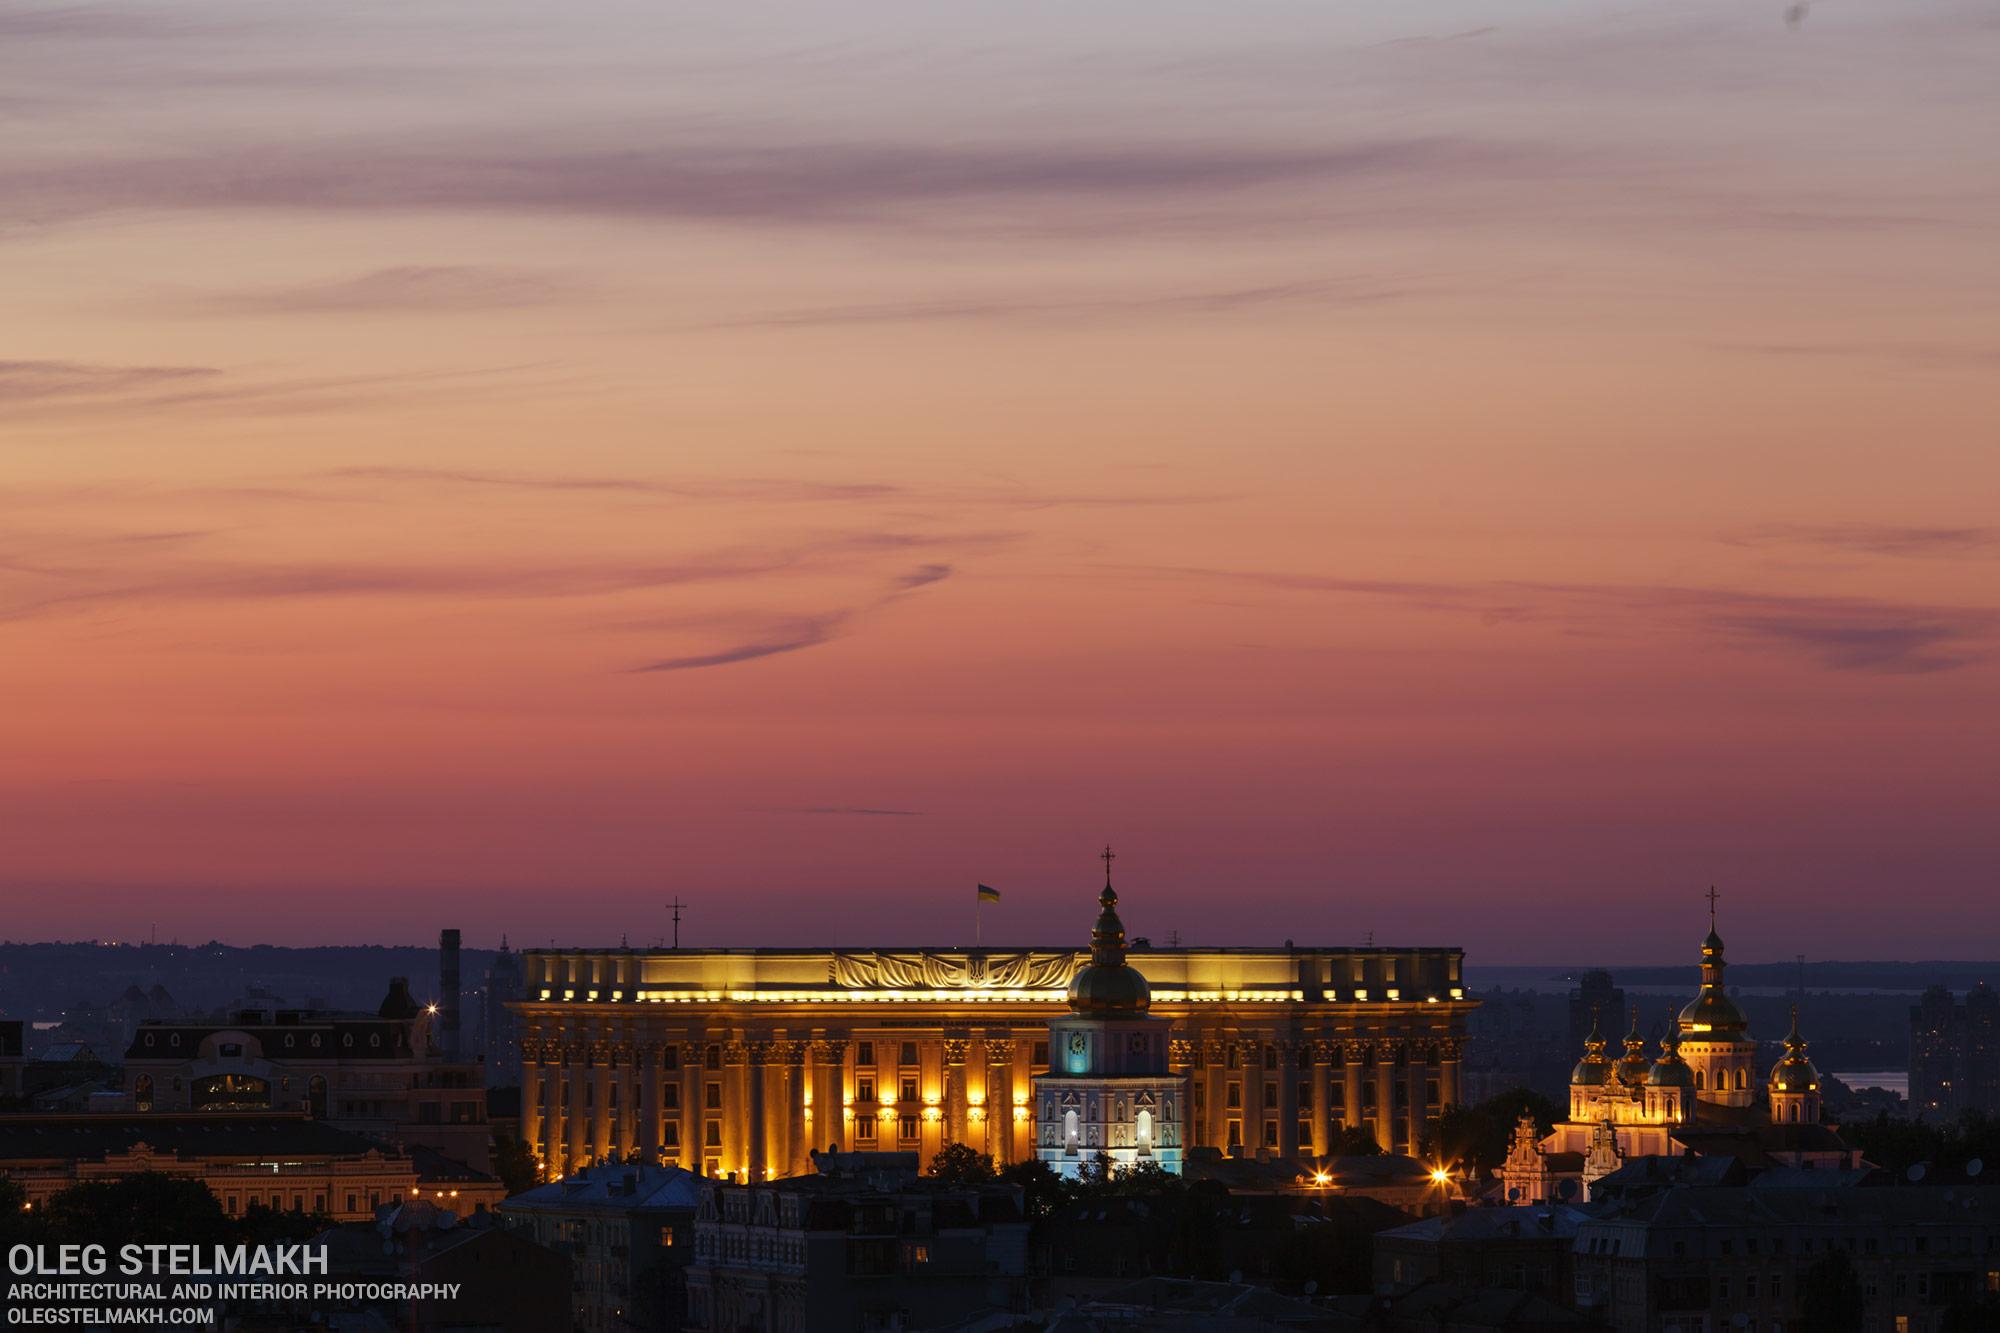 Михайловский собор и Министерство иностранных дел Украины. Ночной Киев